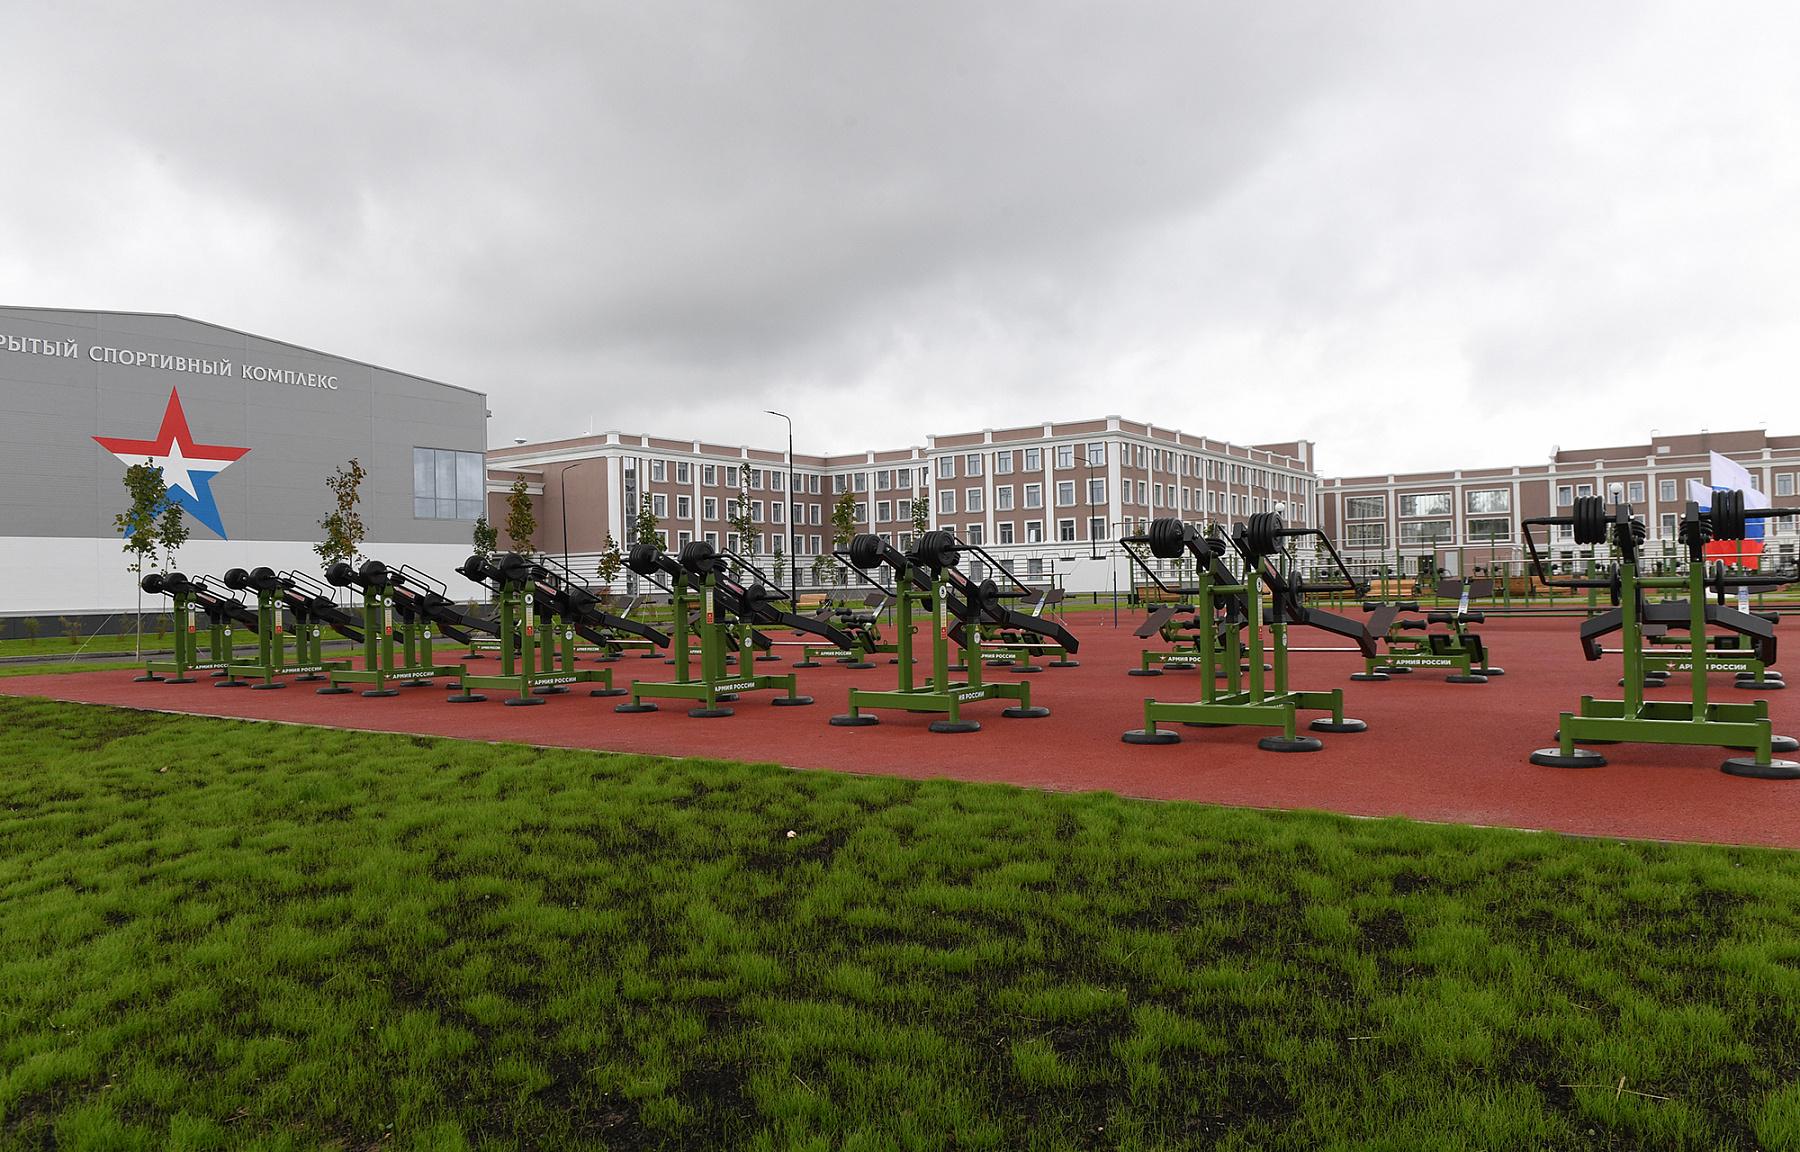 Russian Military academies/schools F_d3d3LnJlZ2lvbi50dmVyLnJ1L3VwbG9hZC9yZXNpemVfY2FjaGUvaWJsb2NrLzliZi8xODAwXzE2MDBfMC9EU0NfNjg3MS5KUEc_X19pZD0xMzU0MTM=